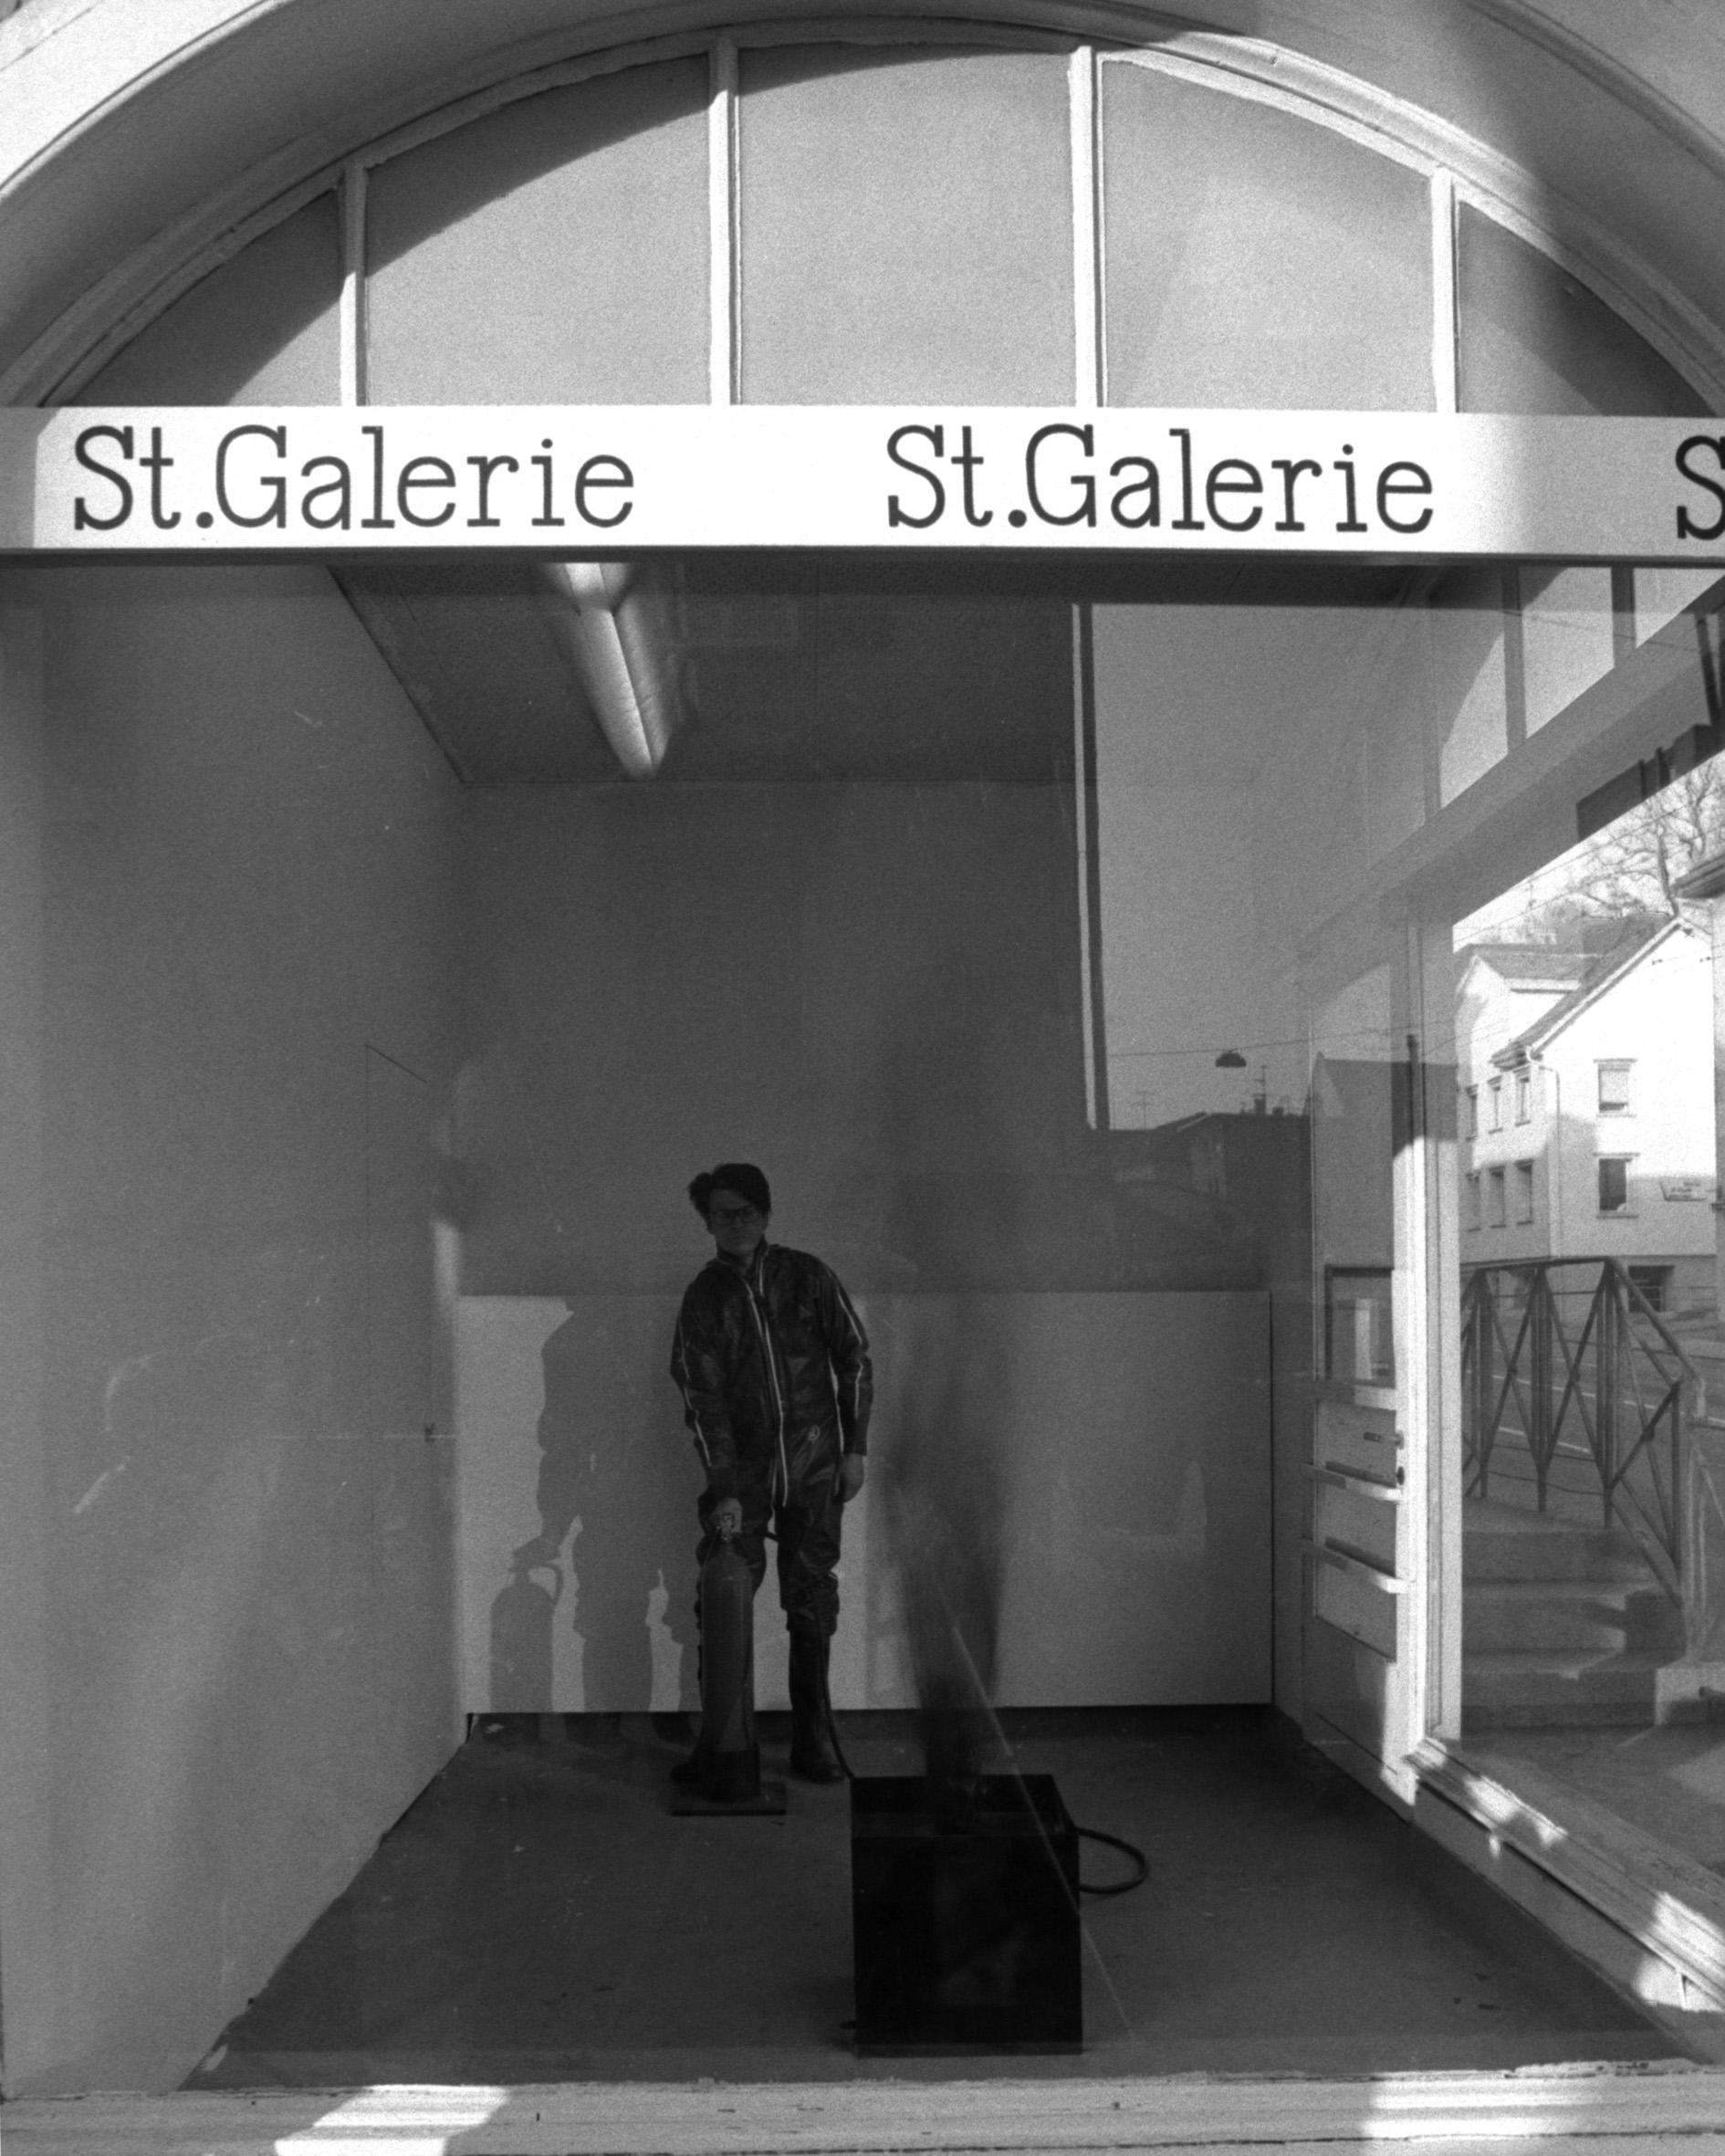 Roman Signers erste Live-Aktion in der St.Galerie